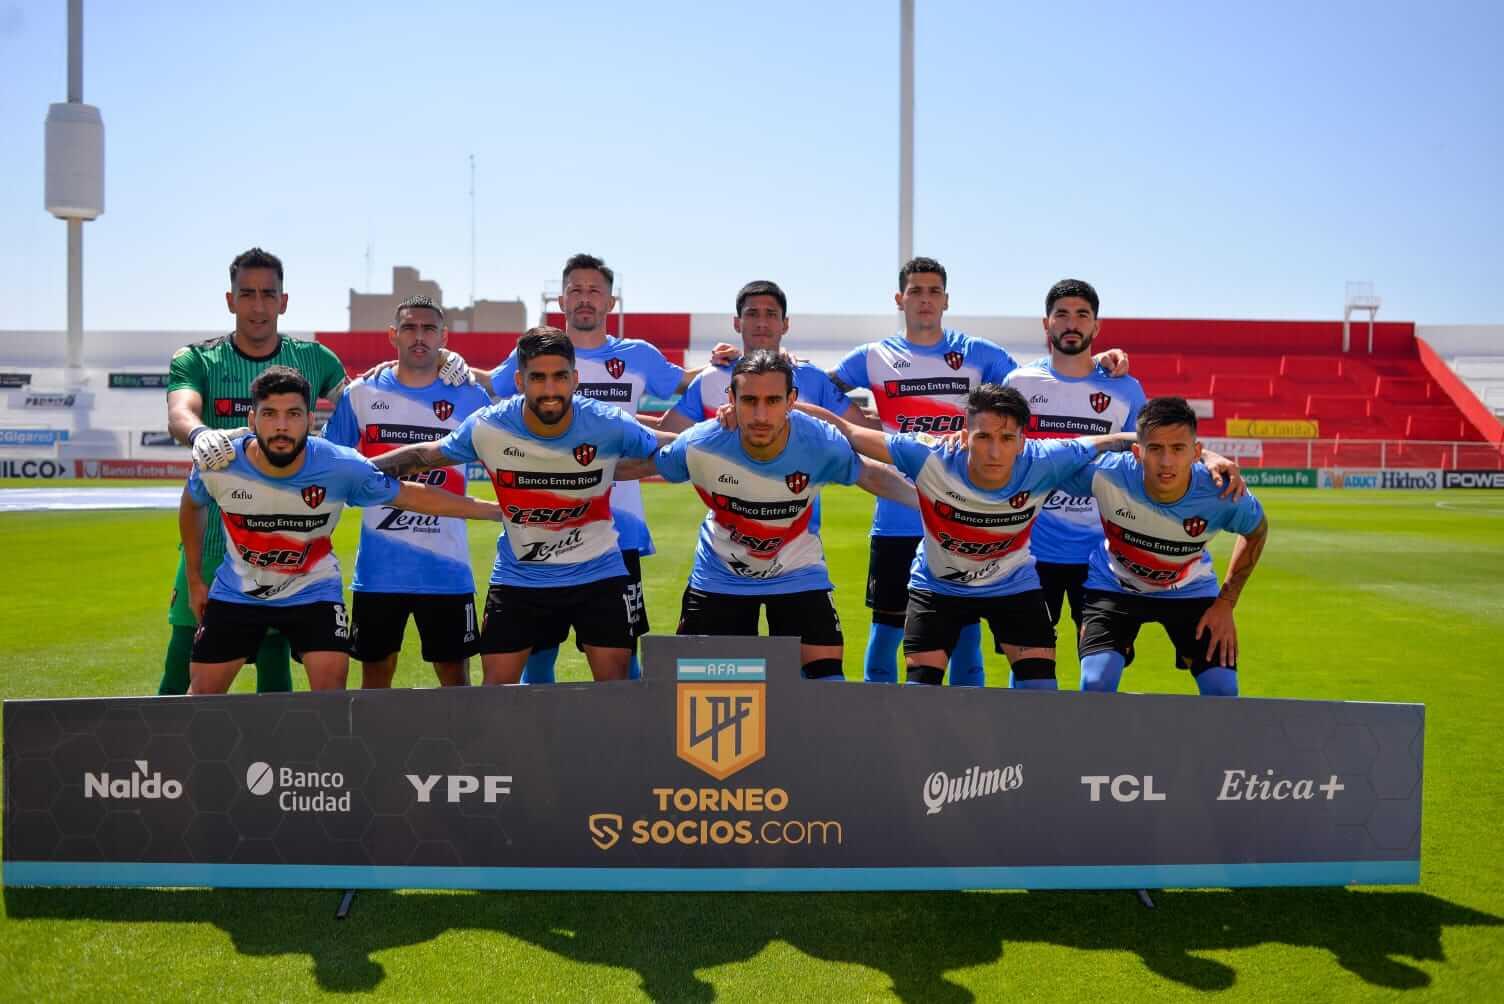 Patronato y Unión se enfrentaron por la fecha 13 de la Liga Profesional de Fútbol. El conjunto santafesino si impuso por 2 a 0, con dos goles de Mauro Luna Diale. Los dirigidos por Iván Delfino, no ganan desde la 6ta fecha, cuando venció 1 a 0 a Central Córdoba de local. El próximo sábado estará visitando a Platense, uno de los rivales directos por la permanencia en la categoría. El encuentro se disputara a las 13:30 hs en el estadio Ciudad de Vicente López.